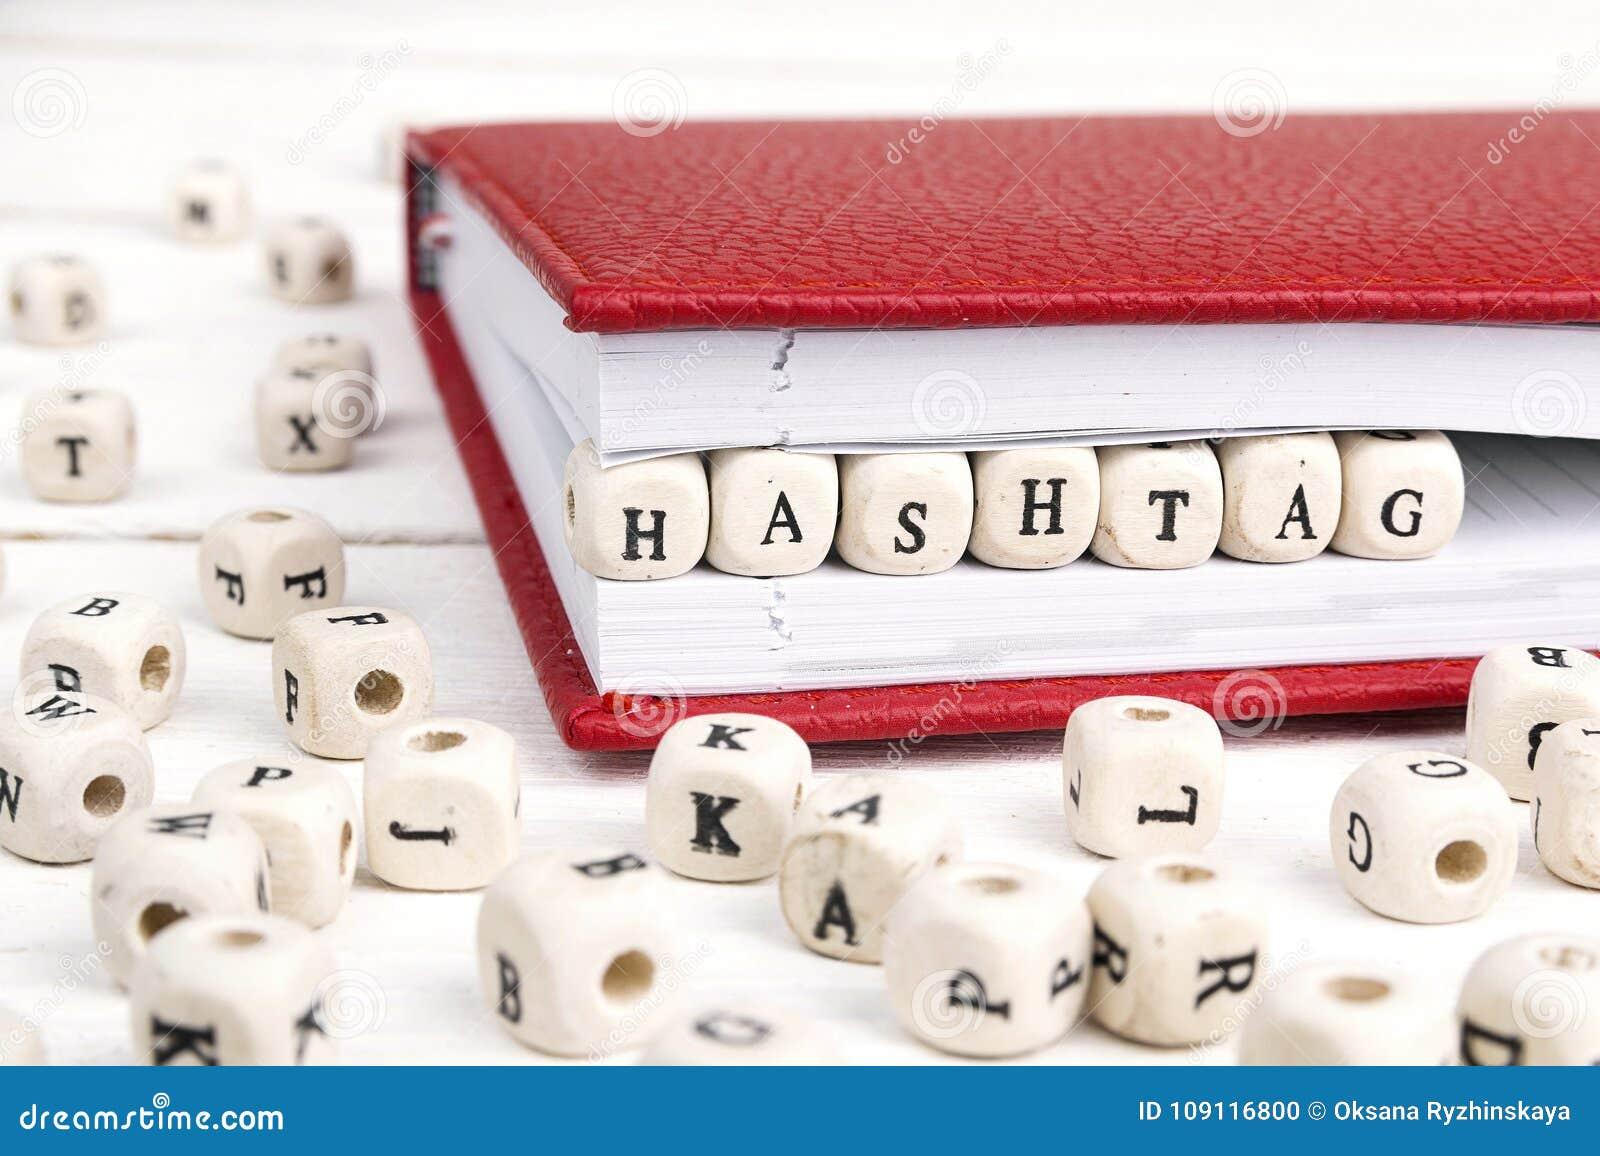 Exprima Hashtag escrito em blocos de madeira no caderno vermelho na tabela de madeira branca